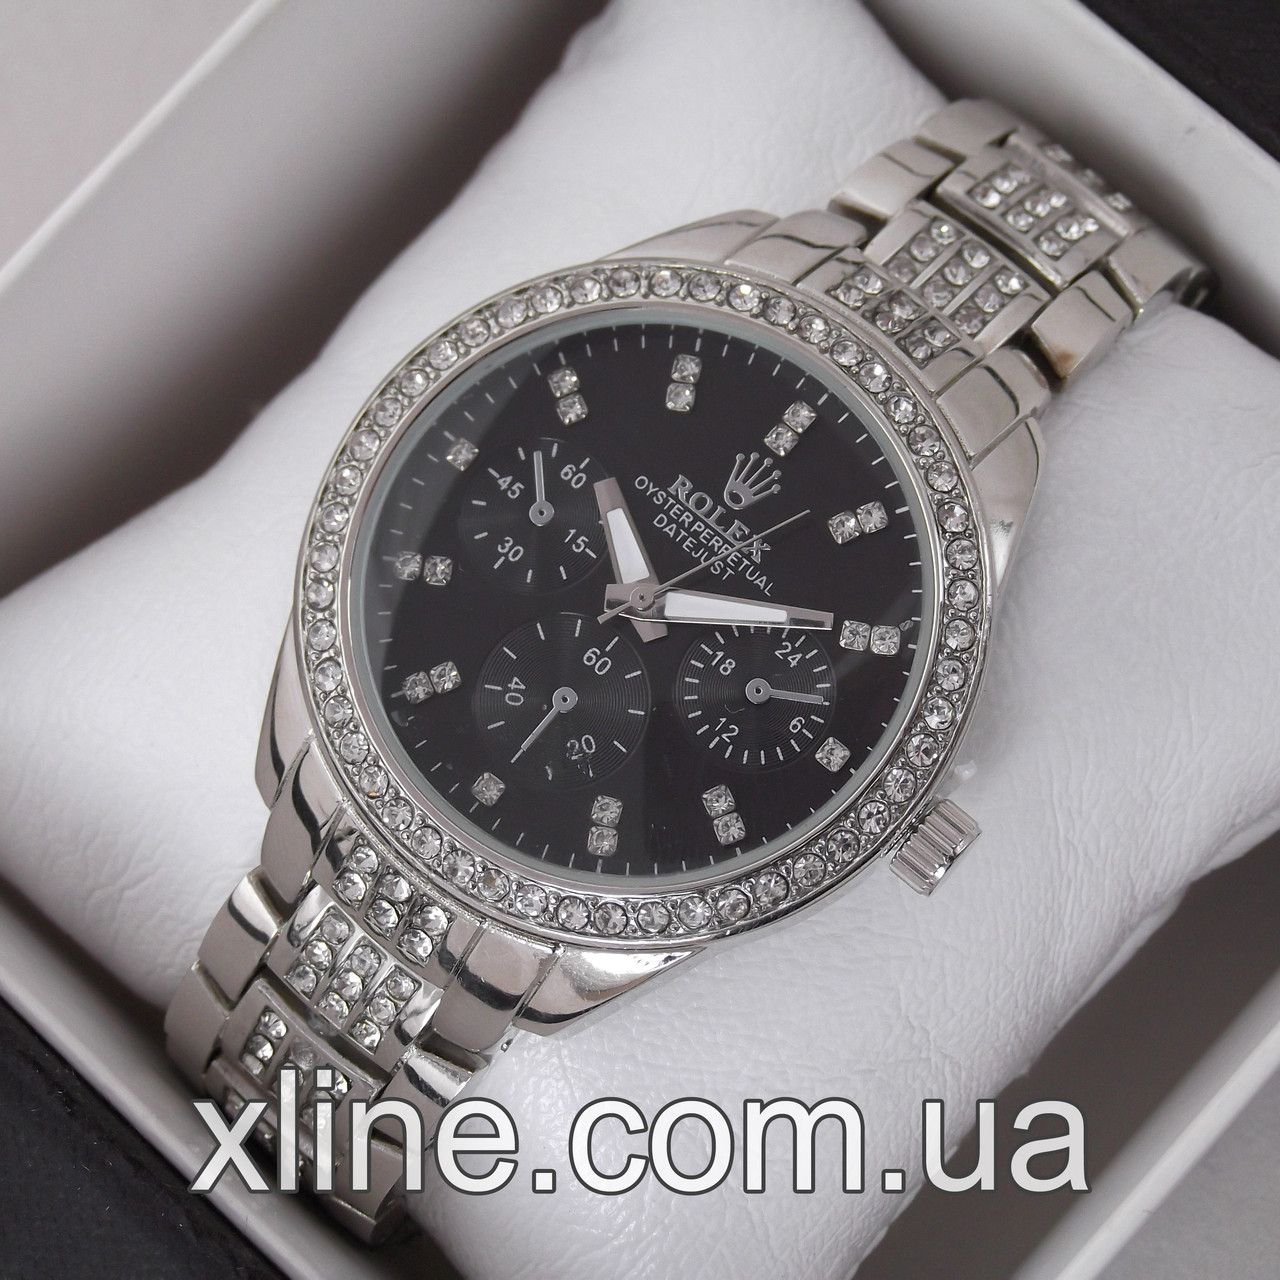 Женские наручные часы Rolex M202 на металлическом браслете